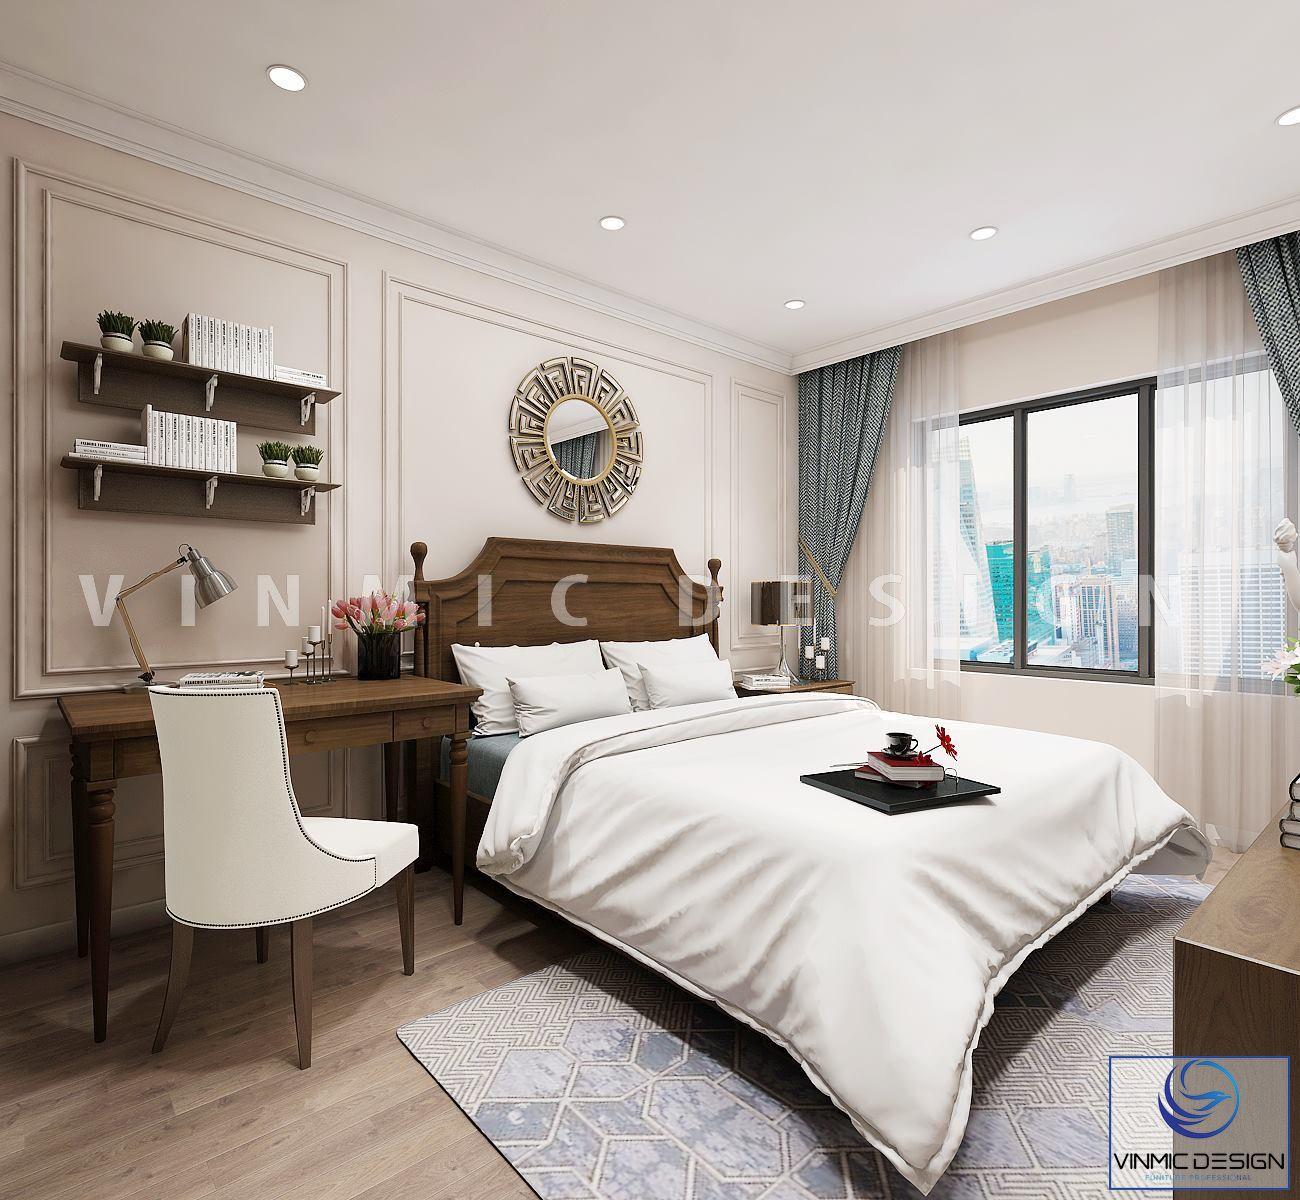 Thiết kế nội thất phòng ngủ đẹp với tone màu trang nhã, sang trọng tại biệt thự Vinhomes Imperia Hải Phòng